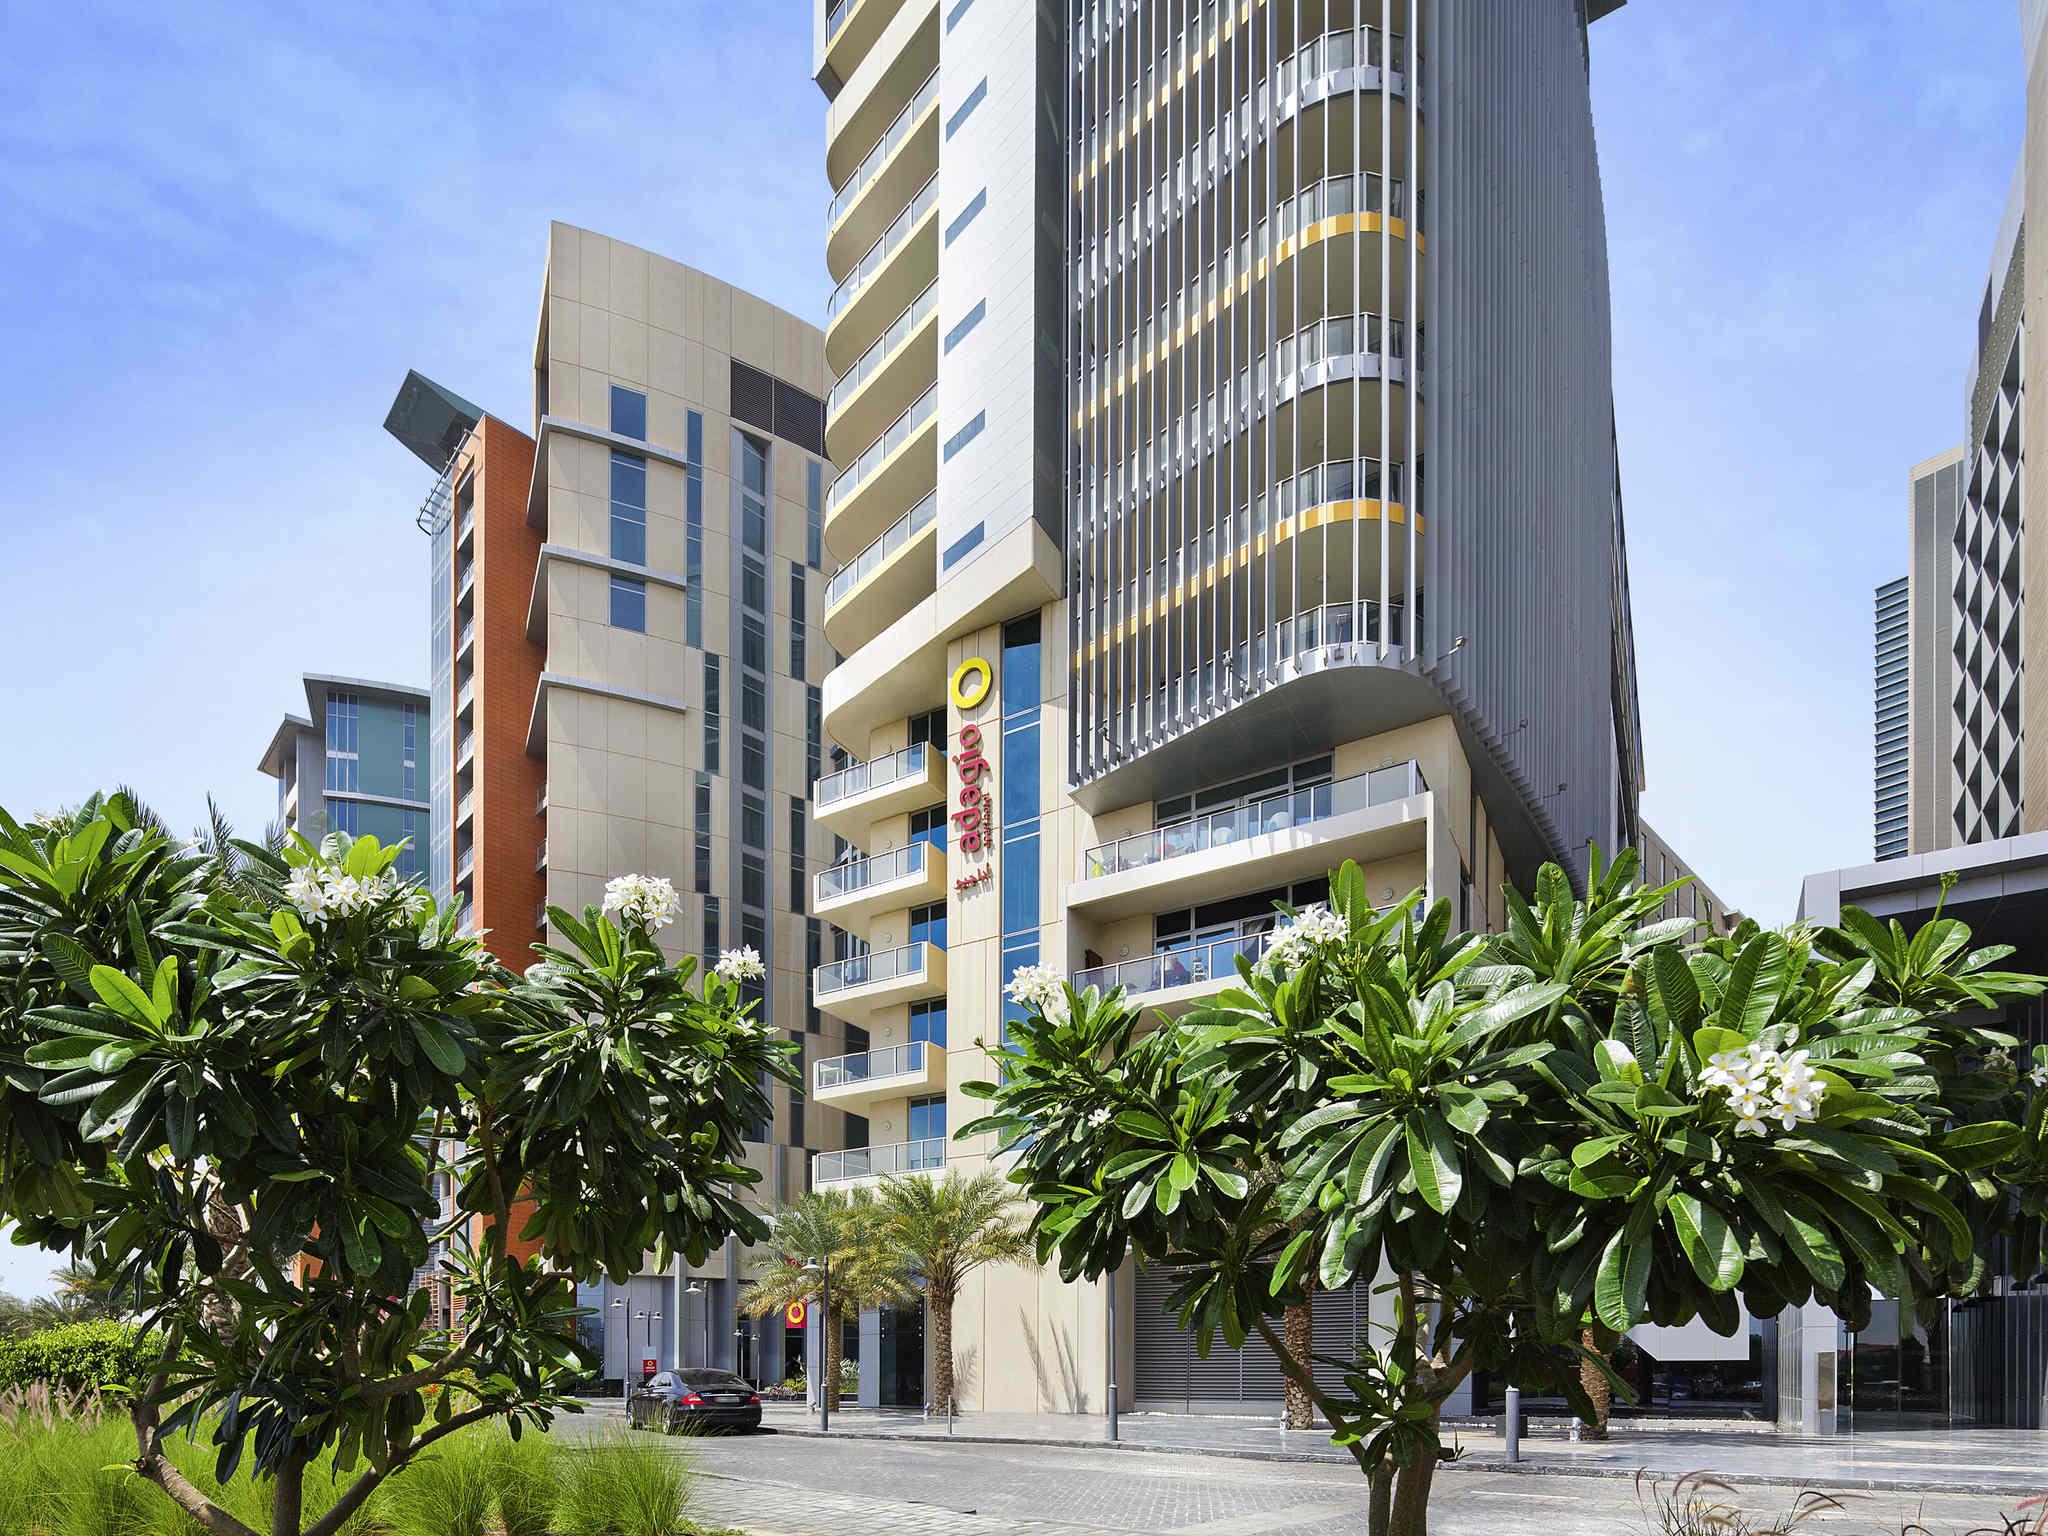 فندق - أداجيو Aparthotel Adagio أبو ظبي البستان الافتتاح